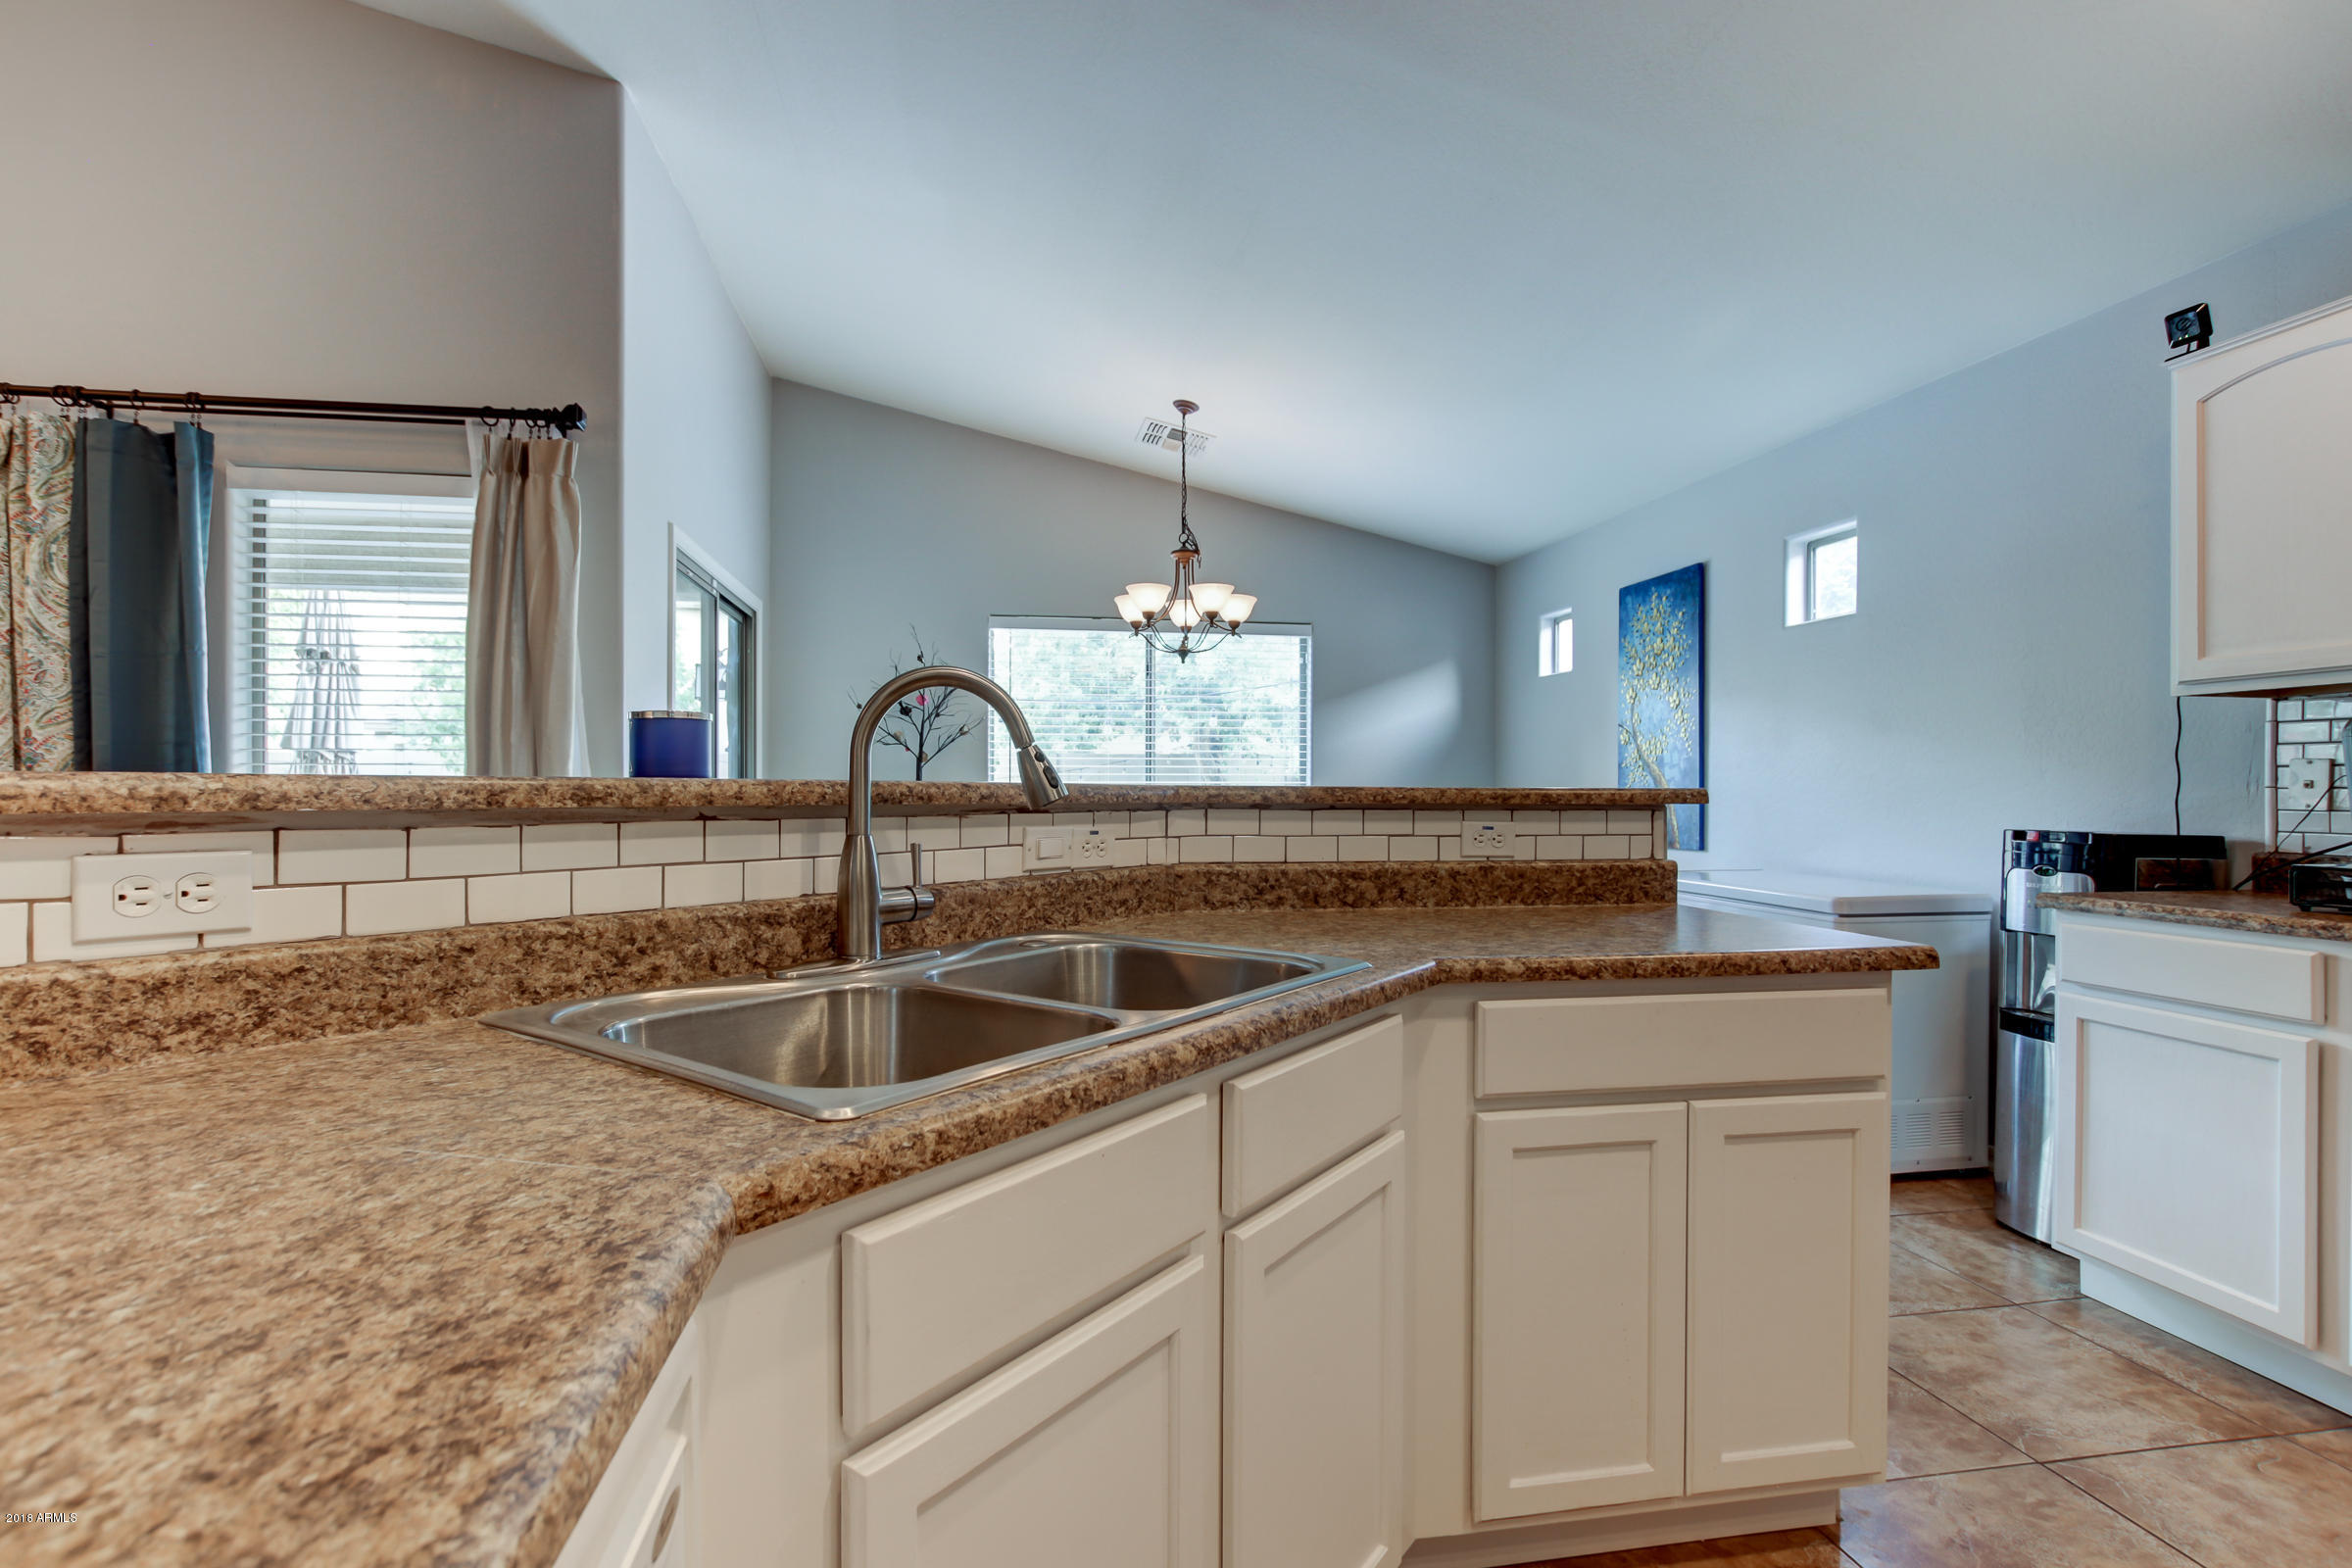 776 W DESERT VALLEY Drive, San Tan Valley, AZ 85143 (MLS# 5807343 ...